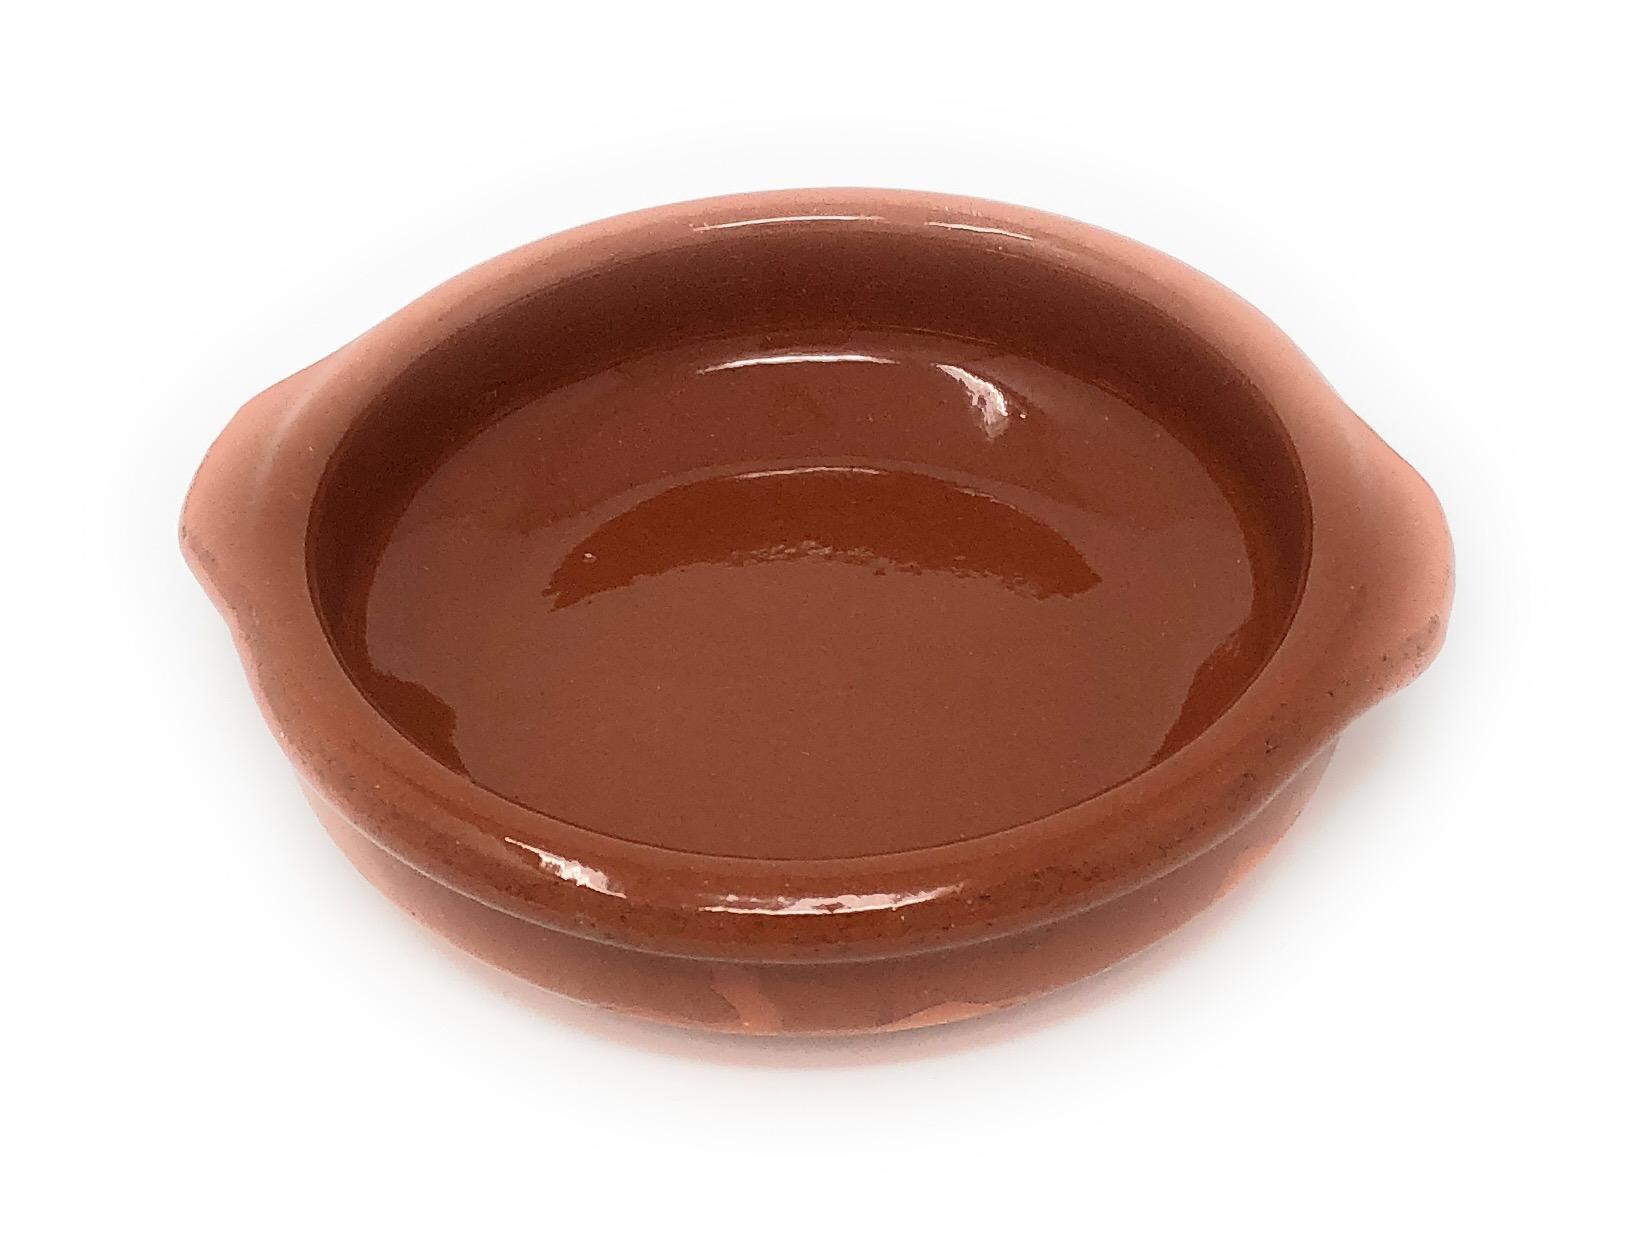 Alfareria Padilla Cazuela Tonschale rustikale Servierschale klein, traditionel, flach, rund, braun 12 cm